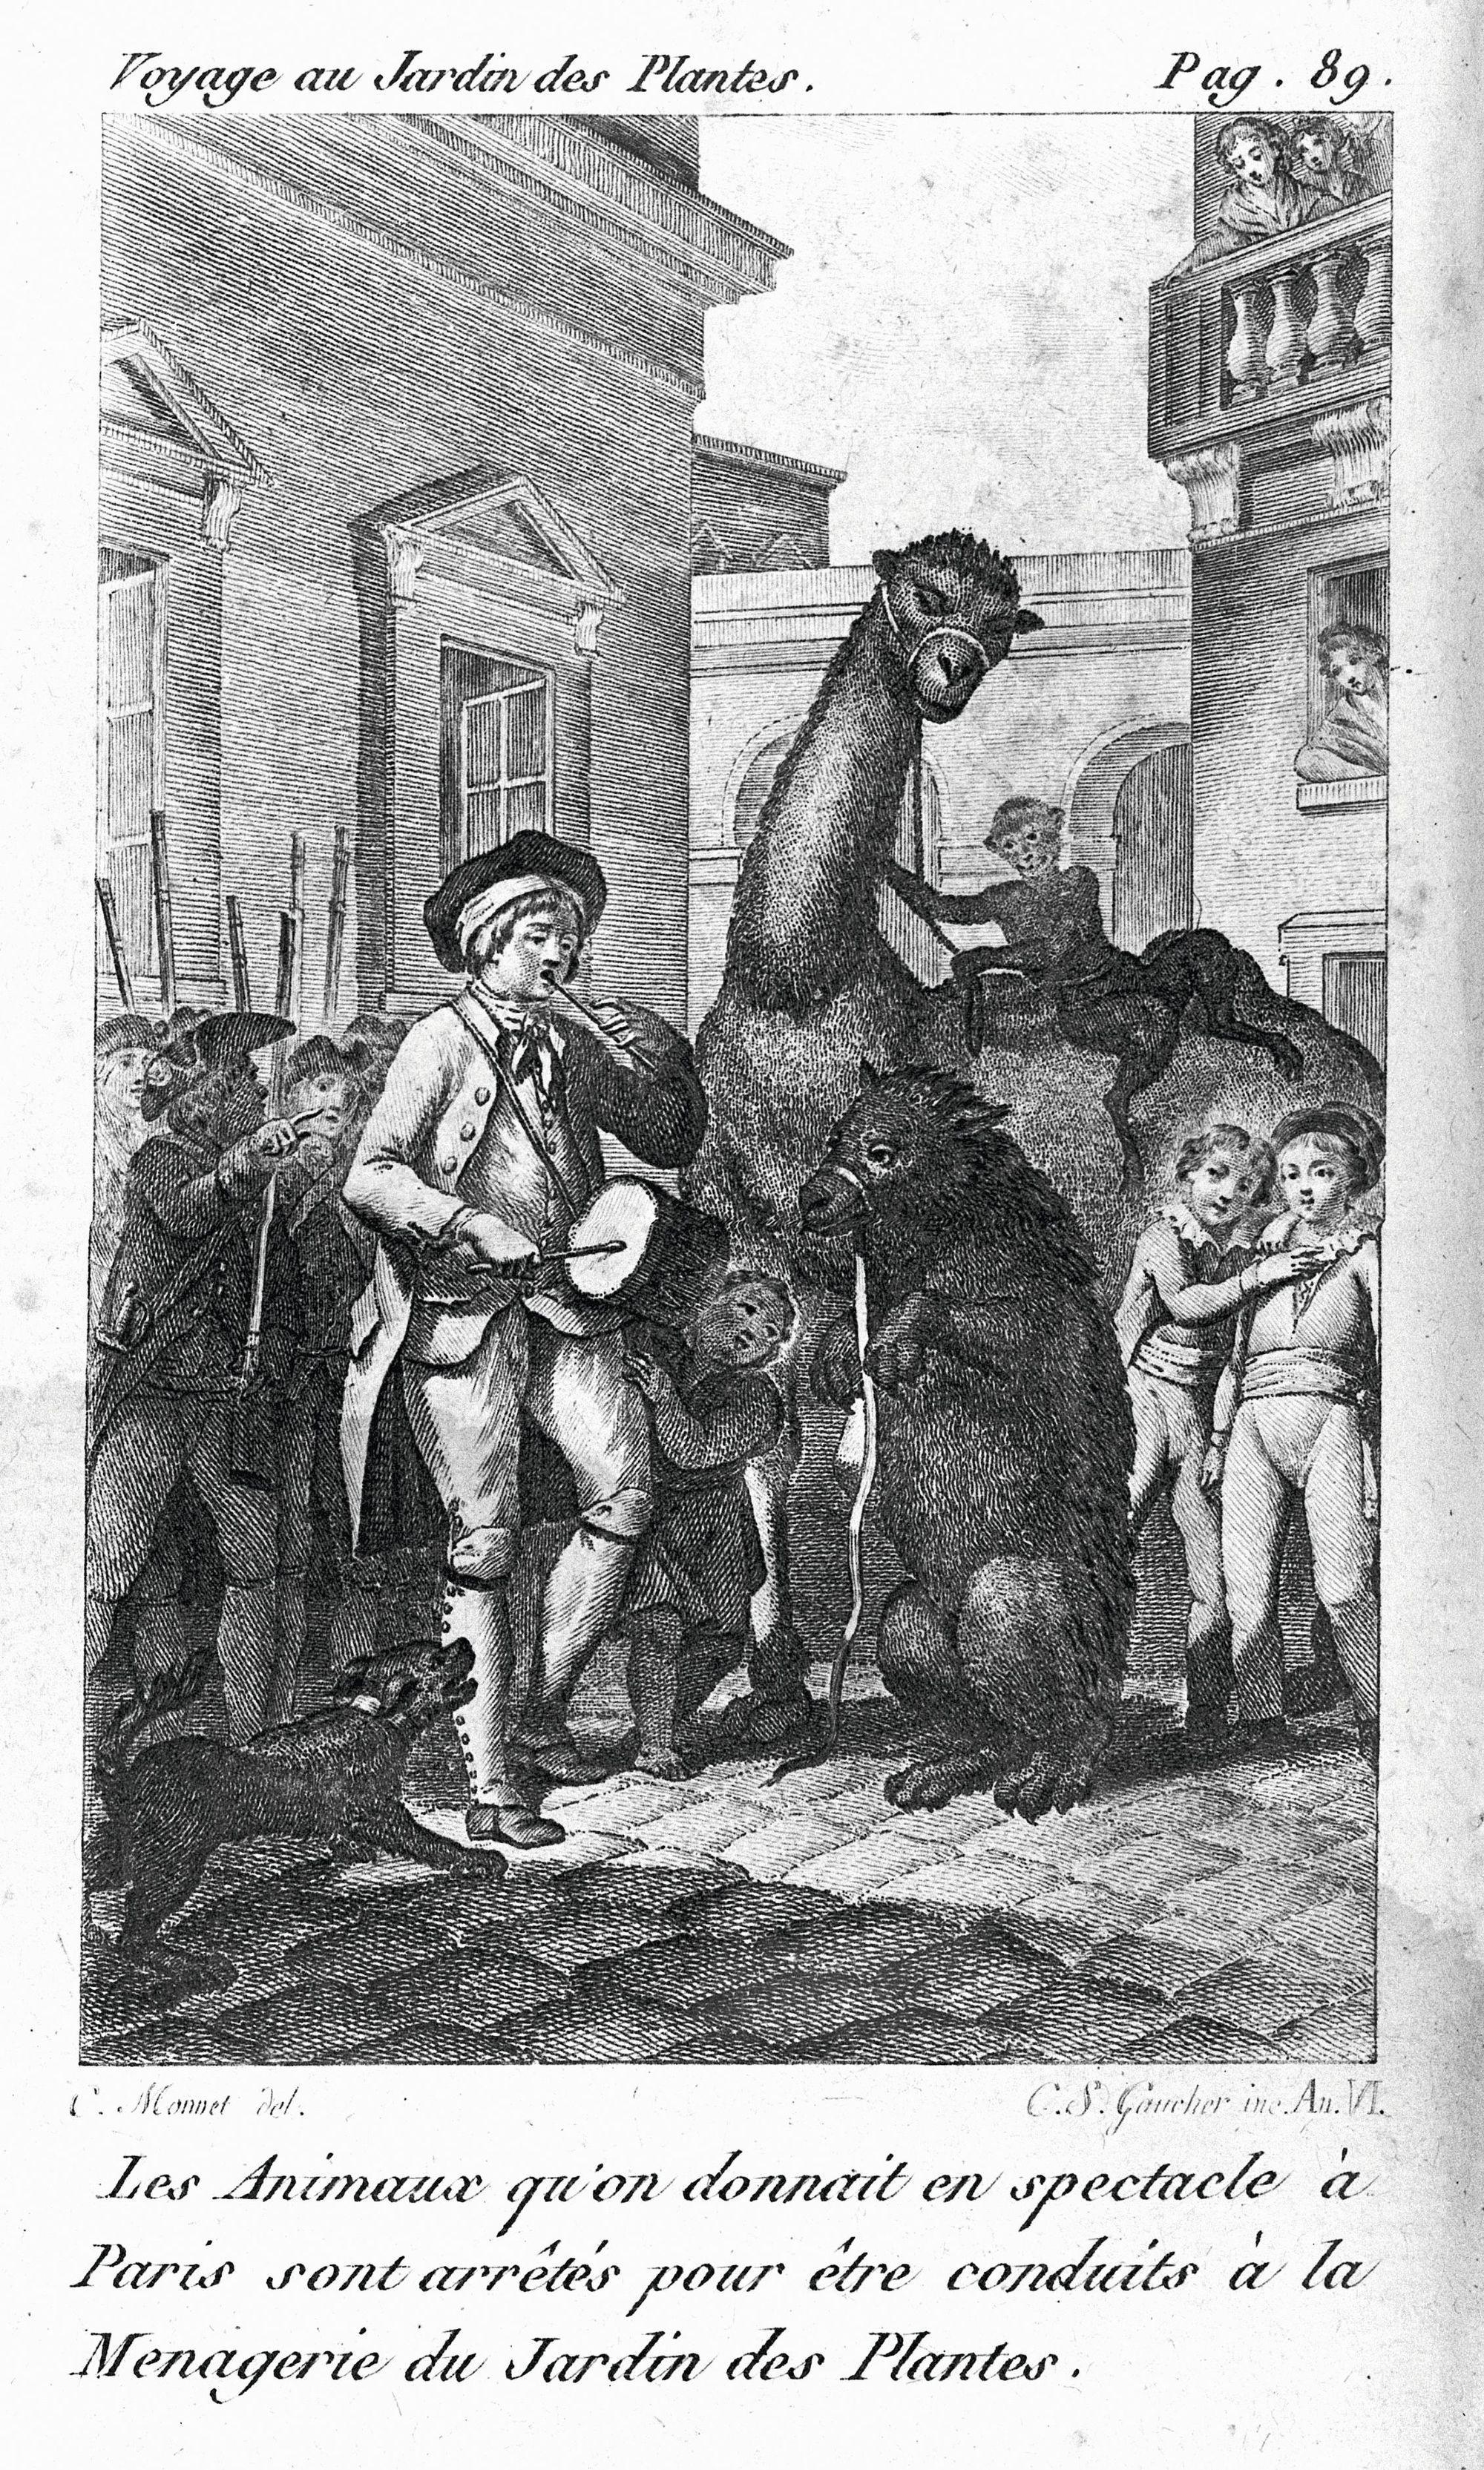 Gravure extraite du Voyage au jardin des Plantes, de Louis‑François Jauffret, 1798, BnF, Paris.